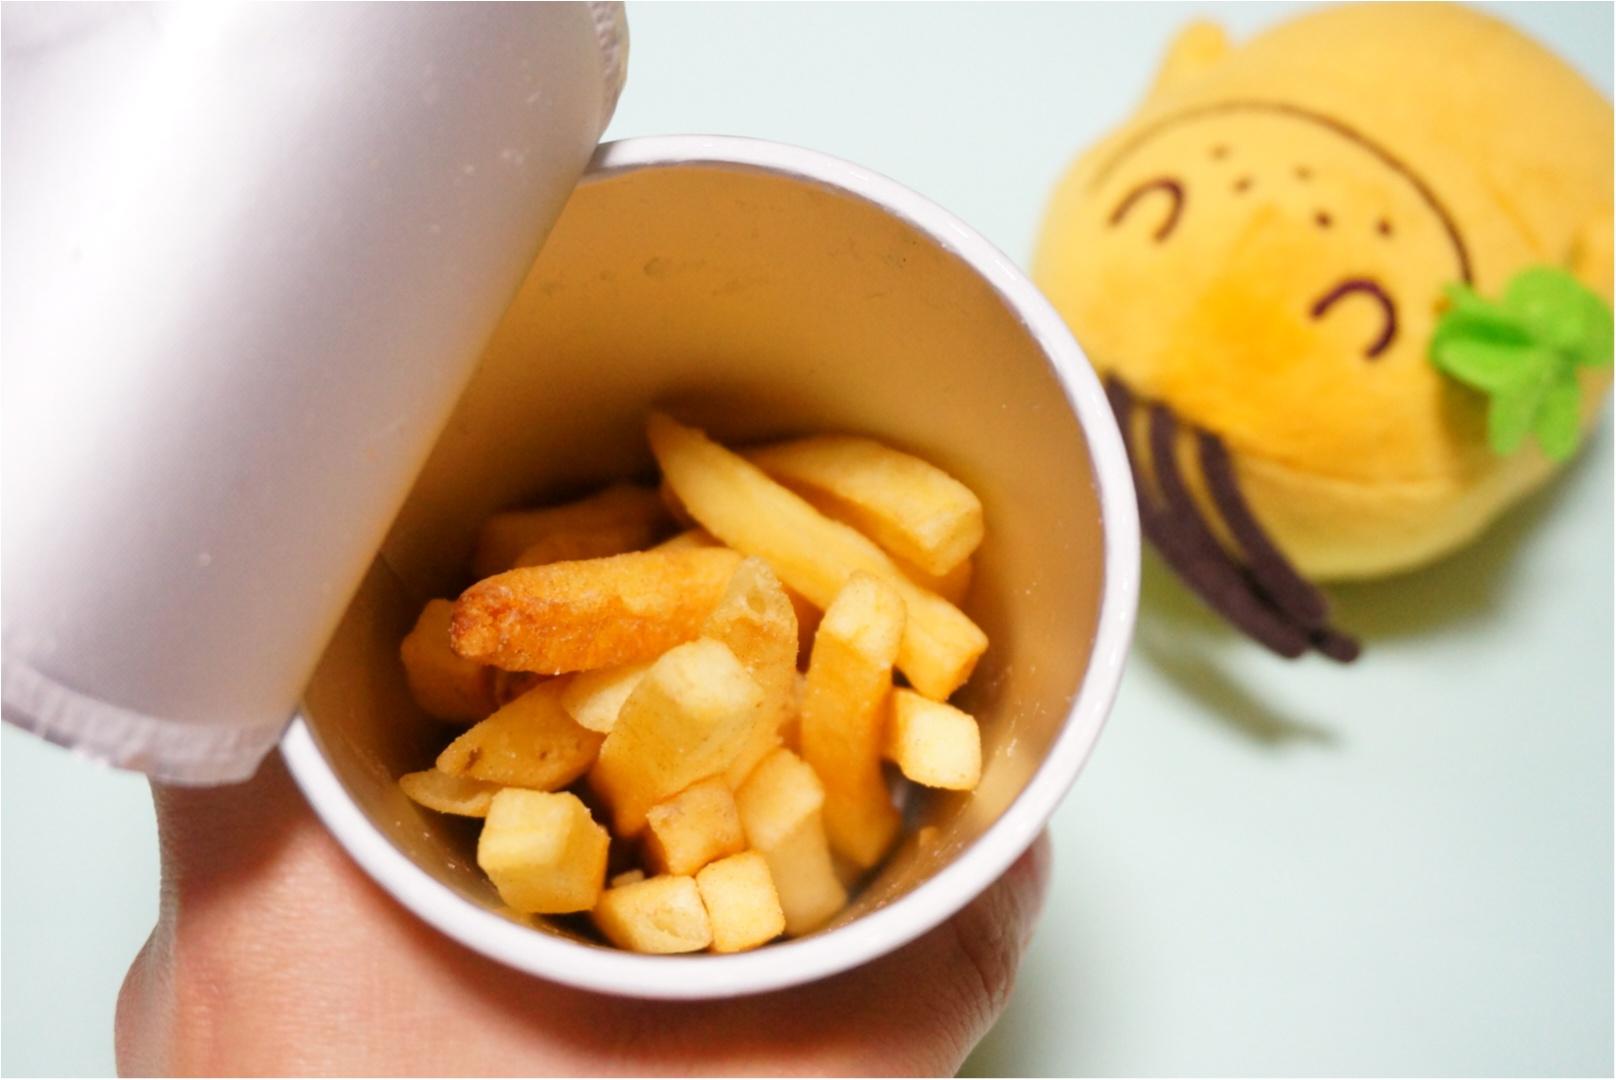 もう食べた⁉︎【Jagabee×MORE】私達が作ったコラボ商品『バターシナモン』が大好評発売中‼︎新商品が出来上がるまでの秘密も教えちゃう♡_6